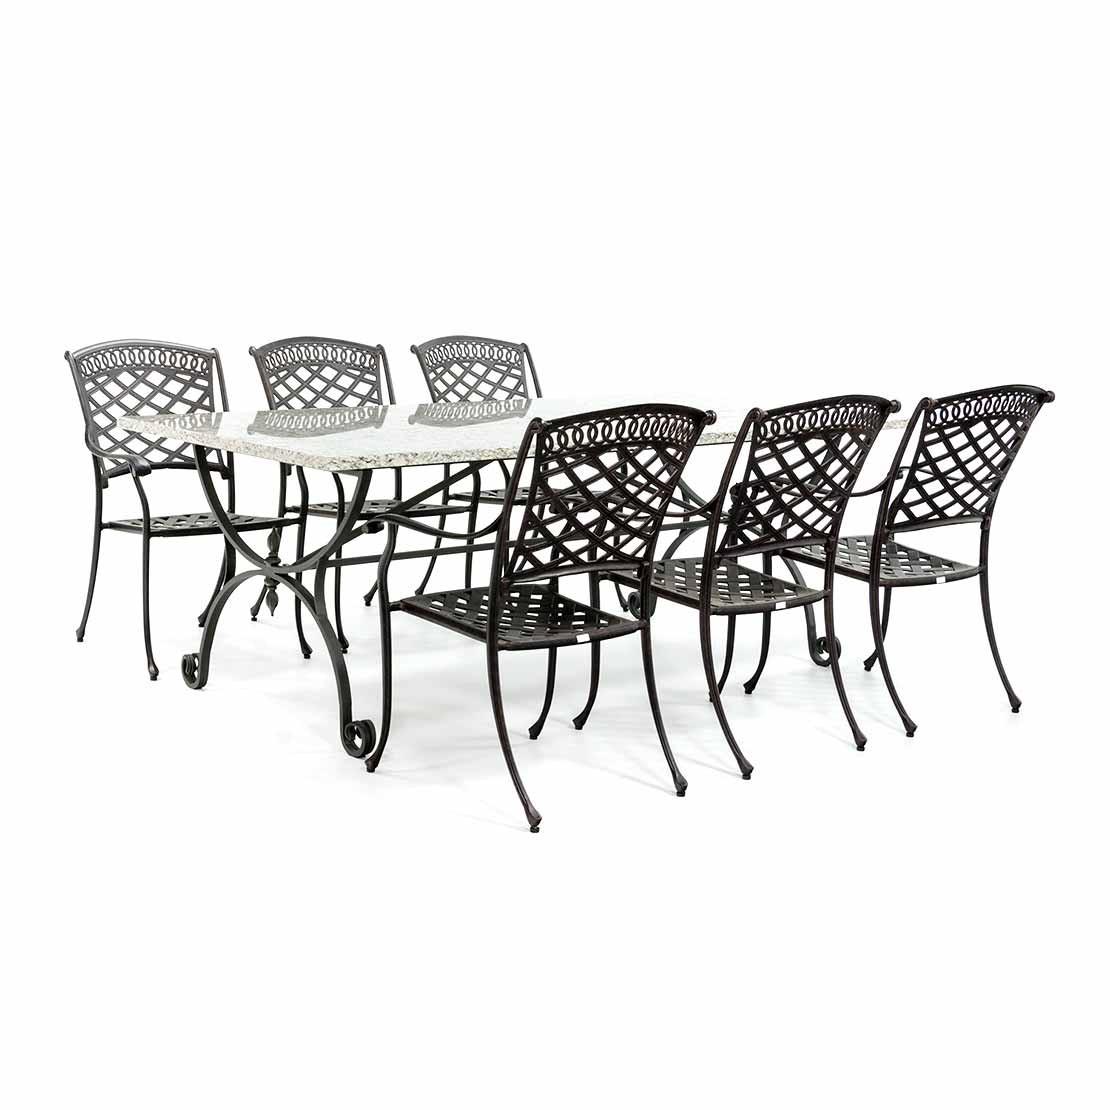 Granieten tuintafel met smeedijzeren onderstel en stoelen